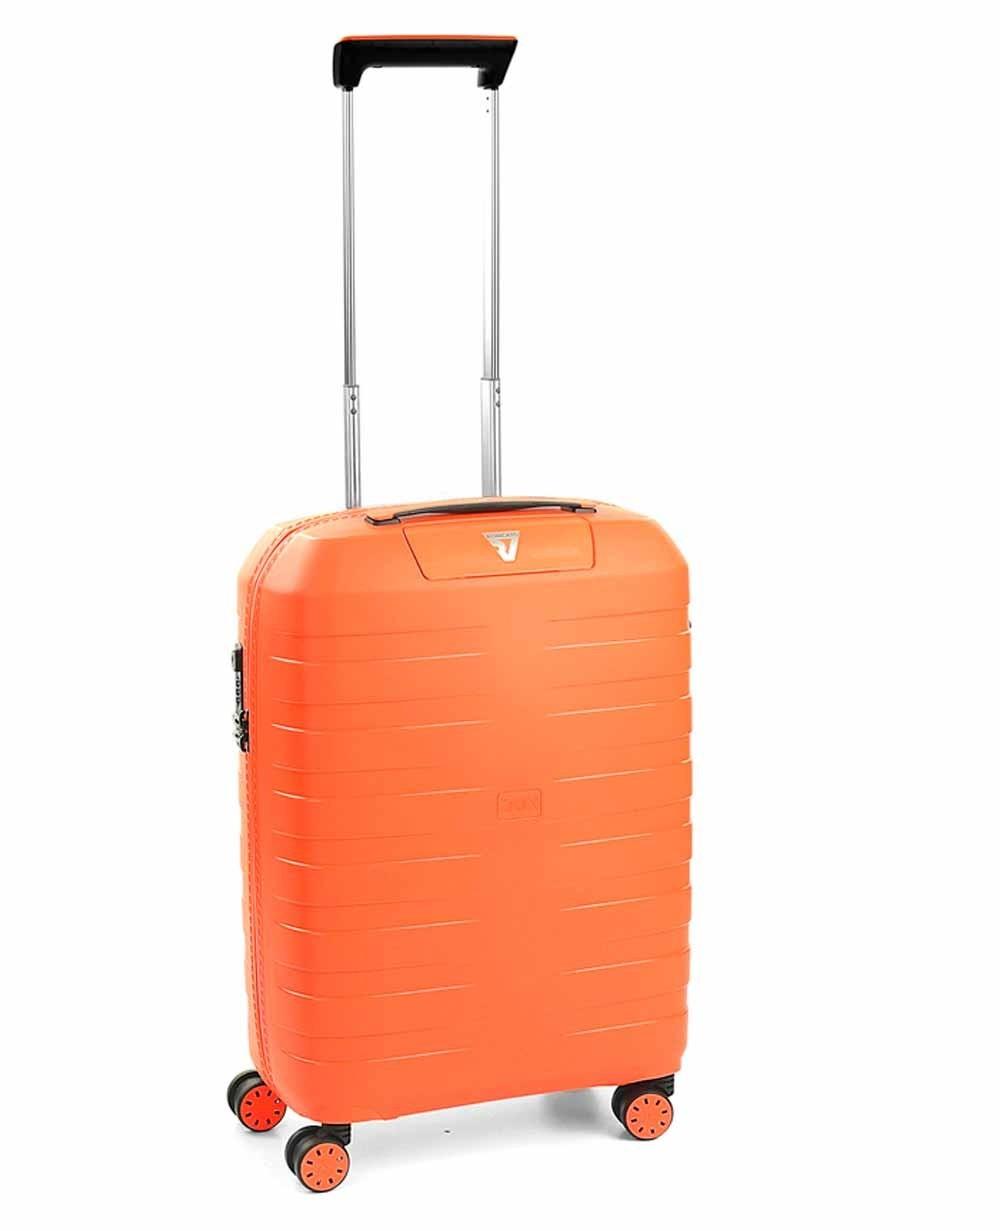 Roncato Box 2.0 Maleta de mano Naranja (Foto )